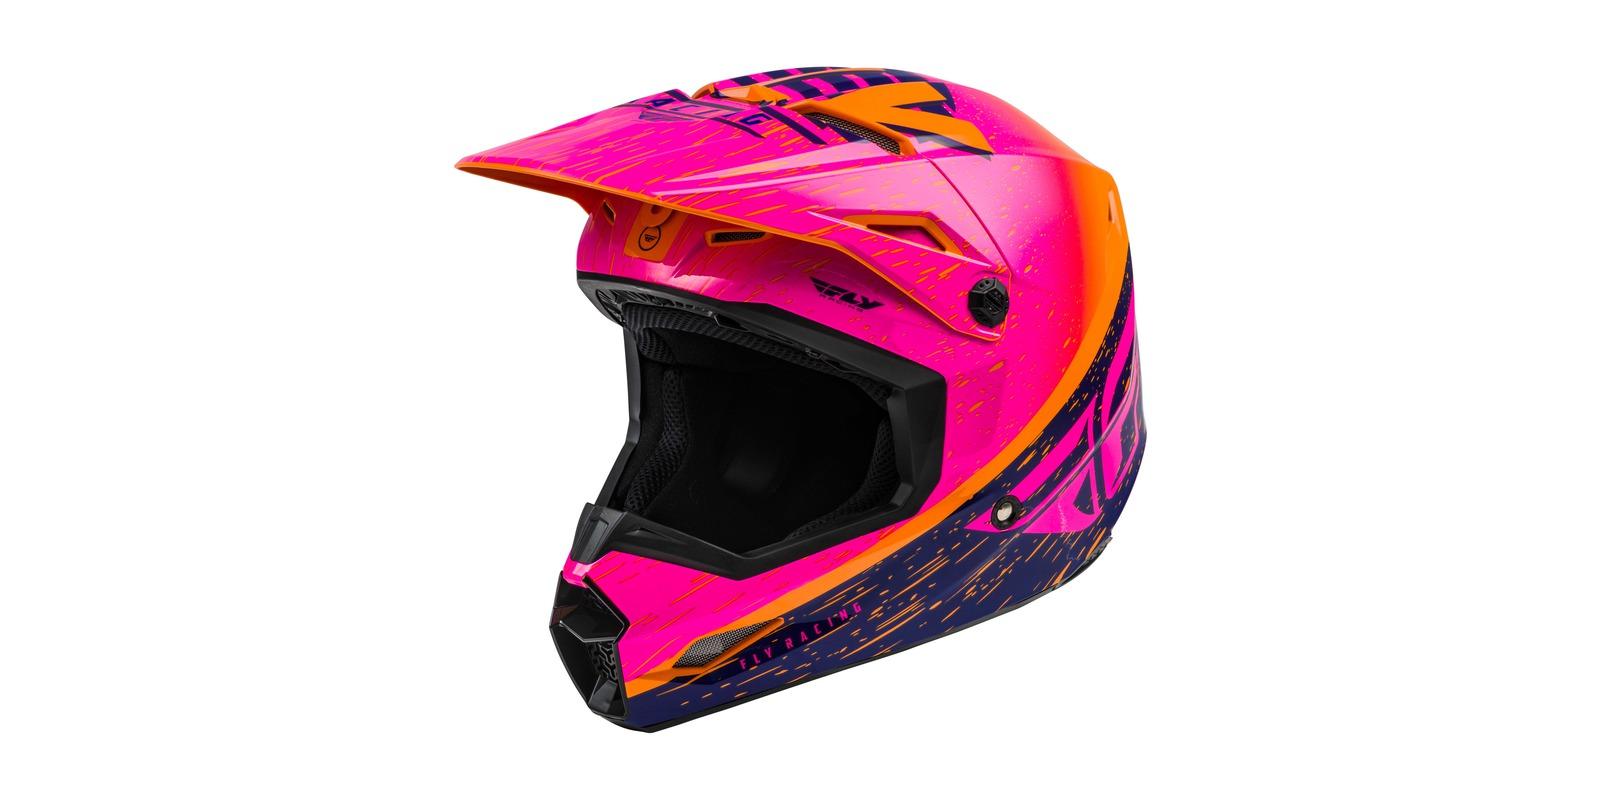 přilba KINETIC K120, FLY RACING - USA (oranžová/růžová/černá)